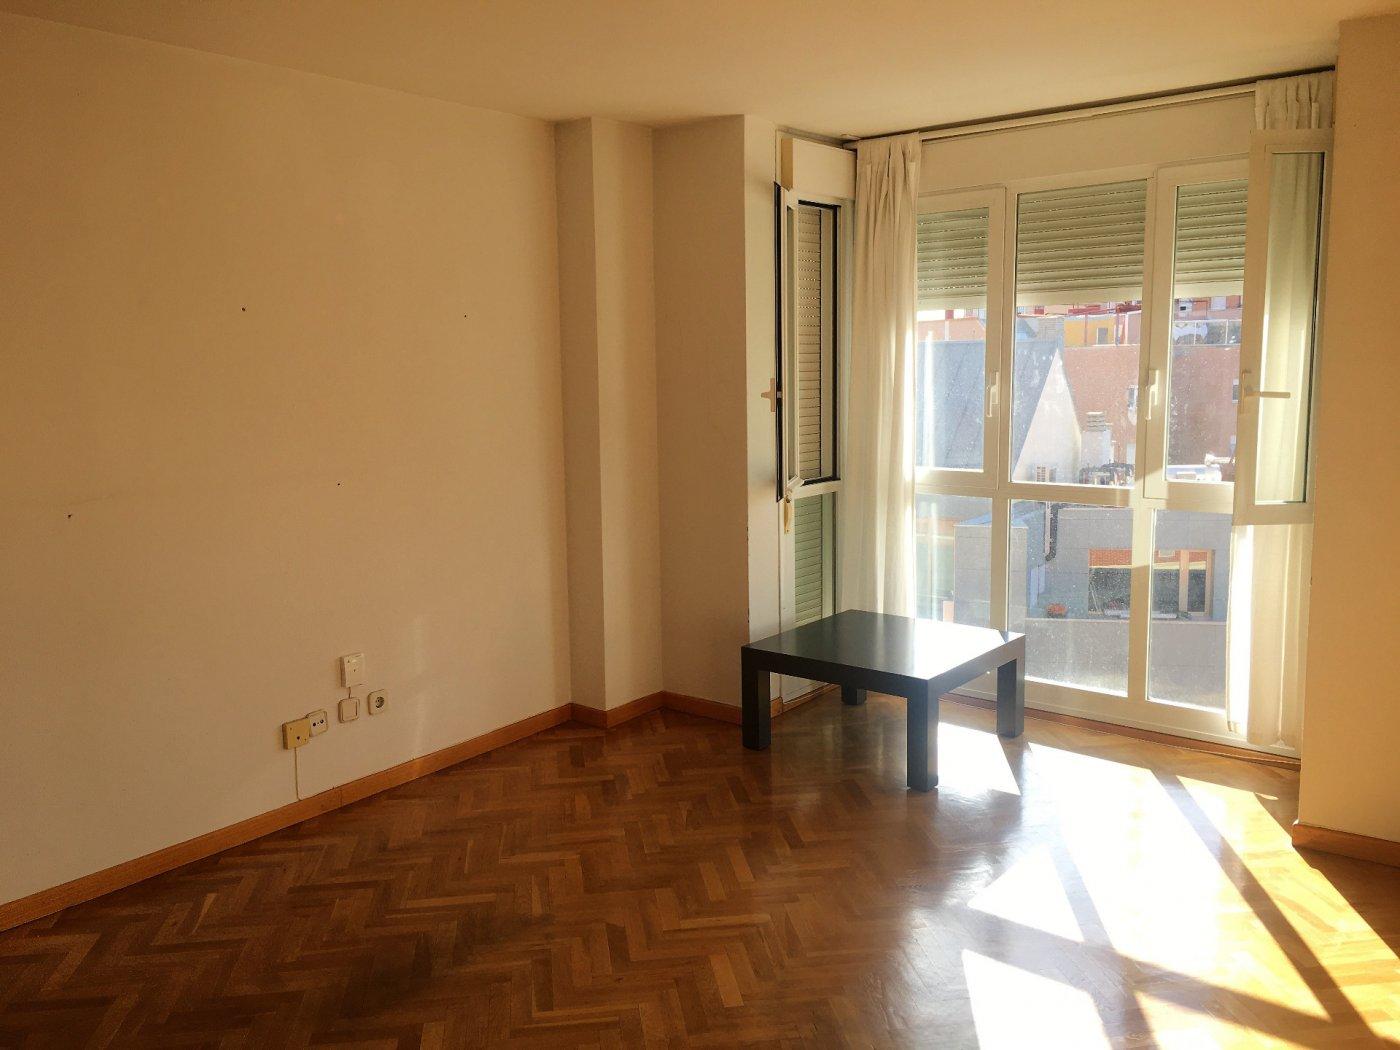 Bonito apartamento en  zona de costillares tetuan cuzco - imagenInmueble10